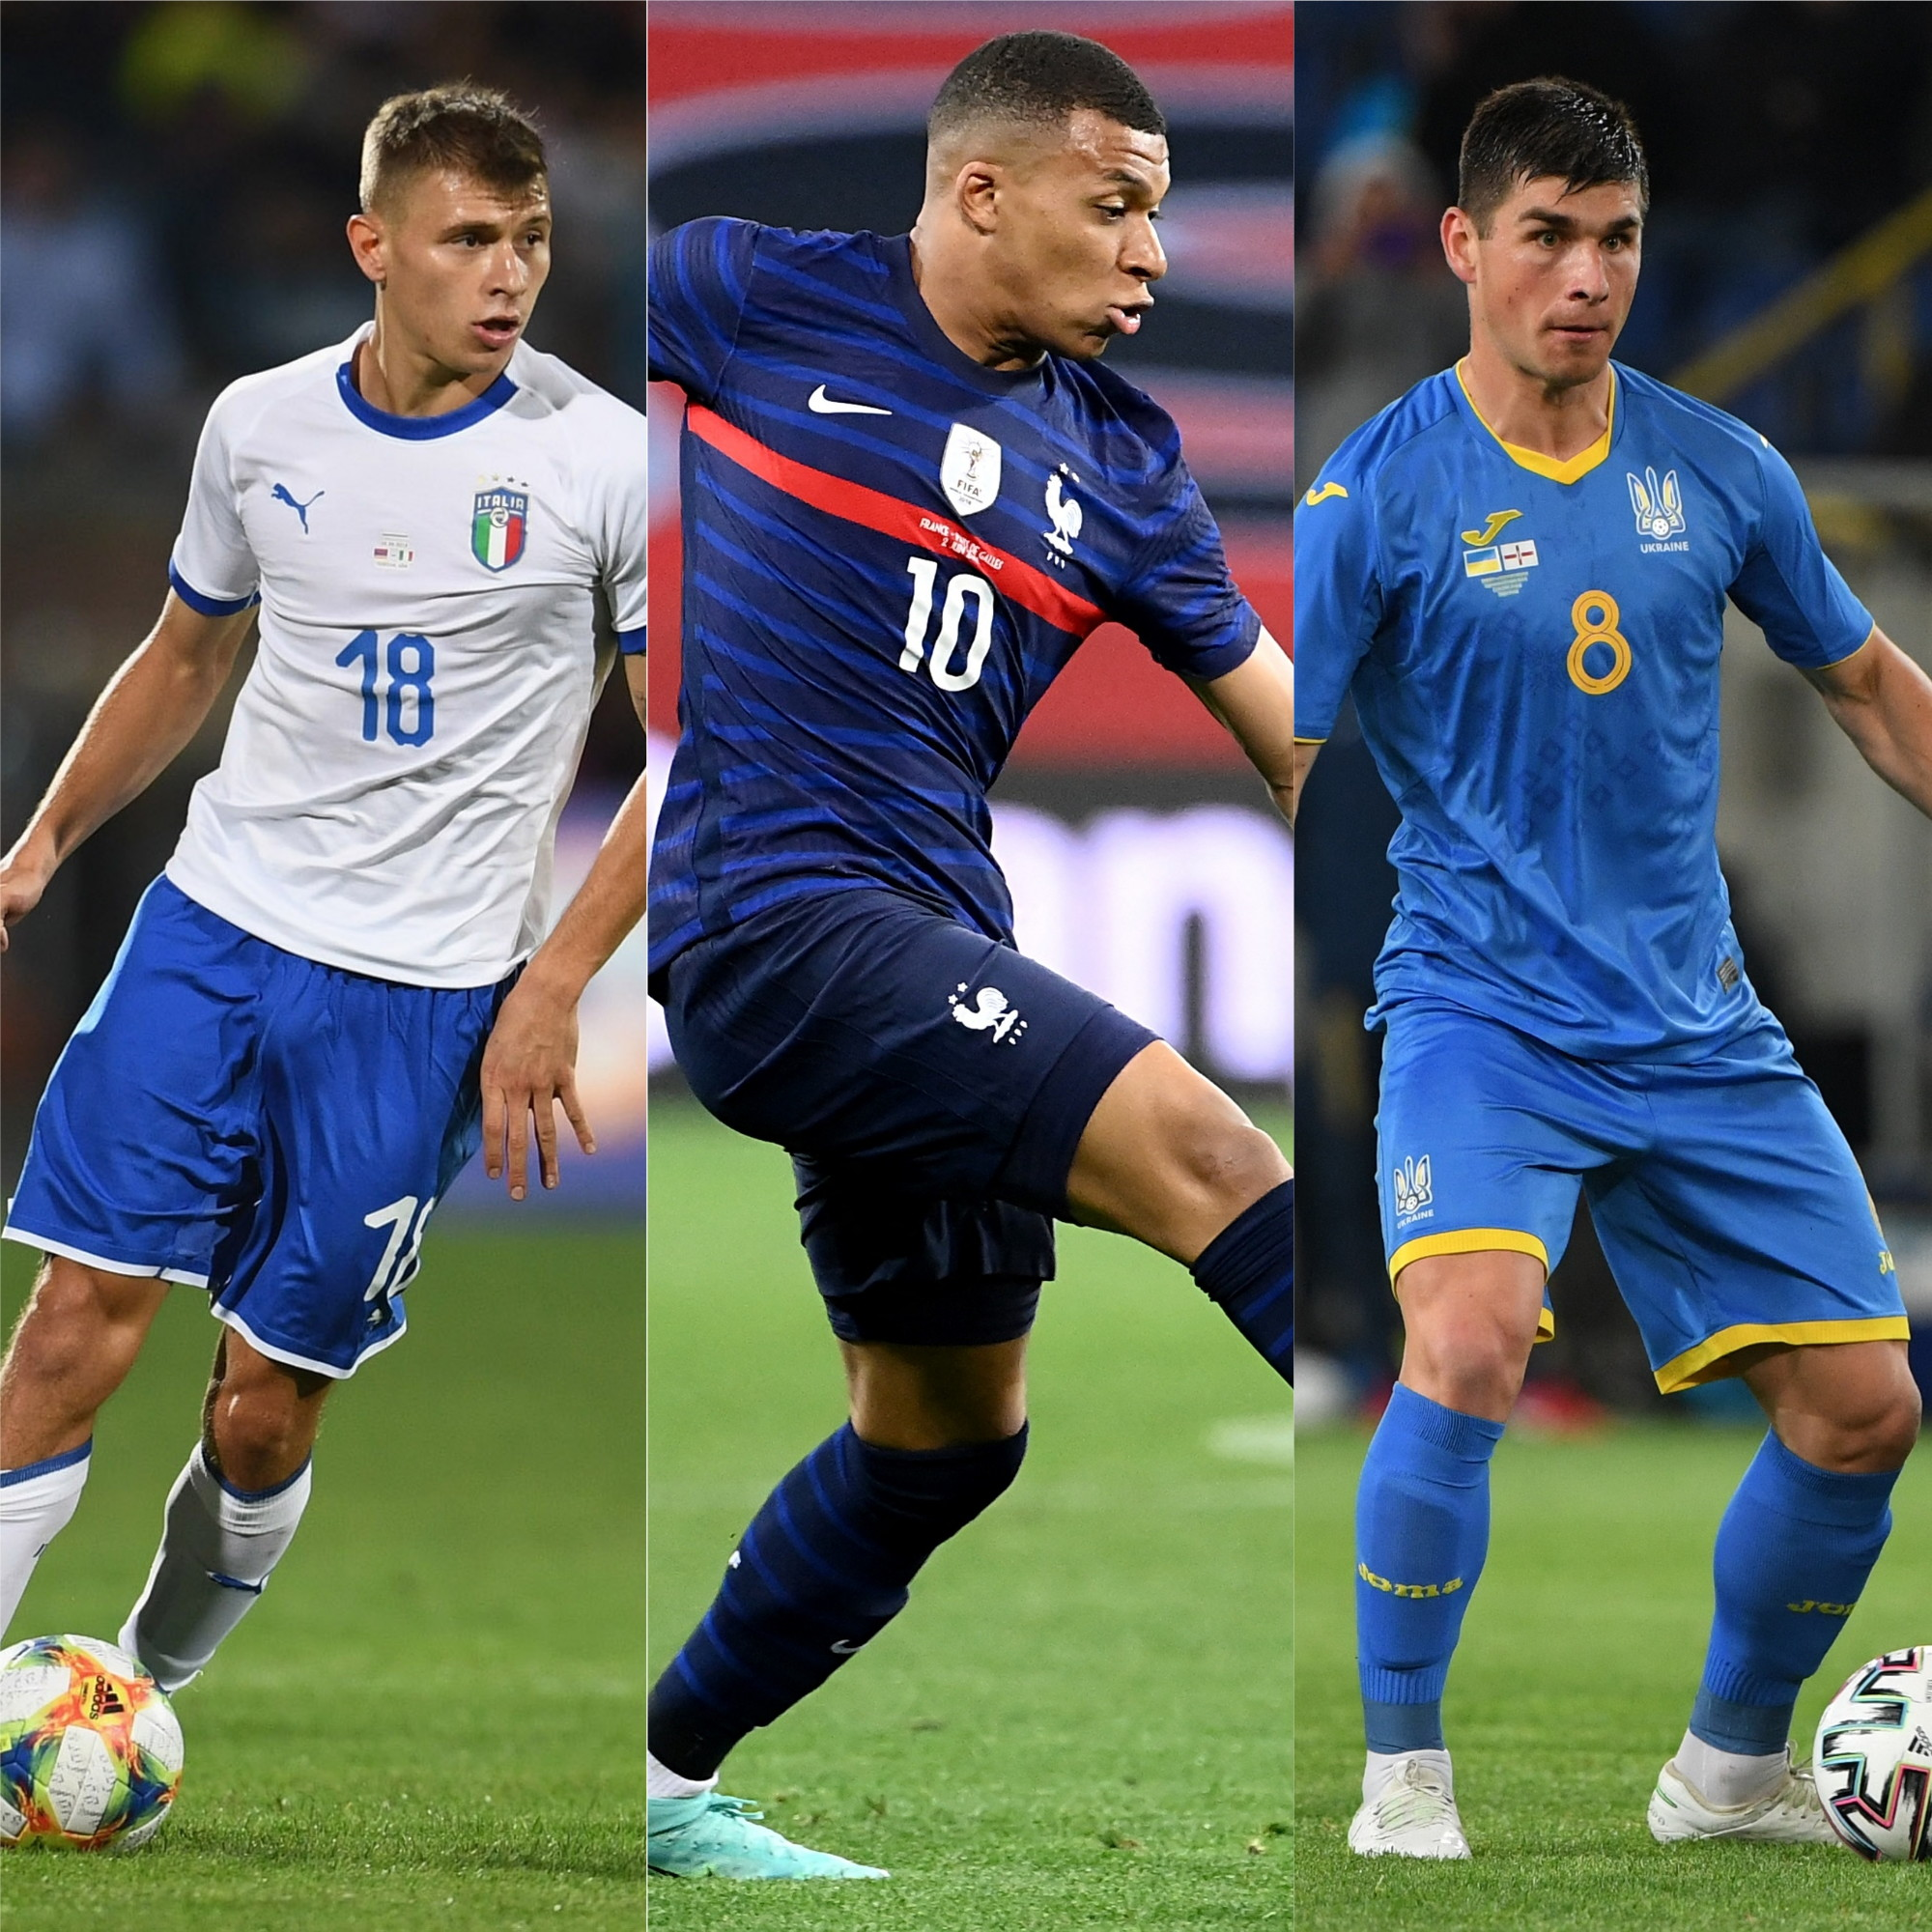 Transfermarkt, noto sito esperto di numeri e statistiche, ha indicato i 24 giocatori che valgono di pi&ugrave; delle 24 nazionali che partecipano ad Euro 2020: ecco la classifica.<br /><br />